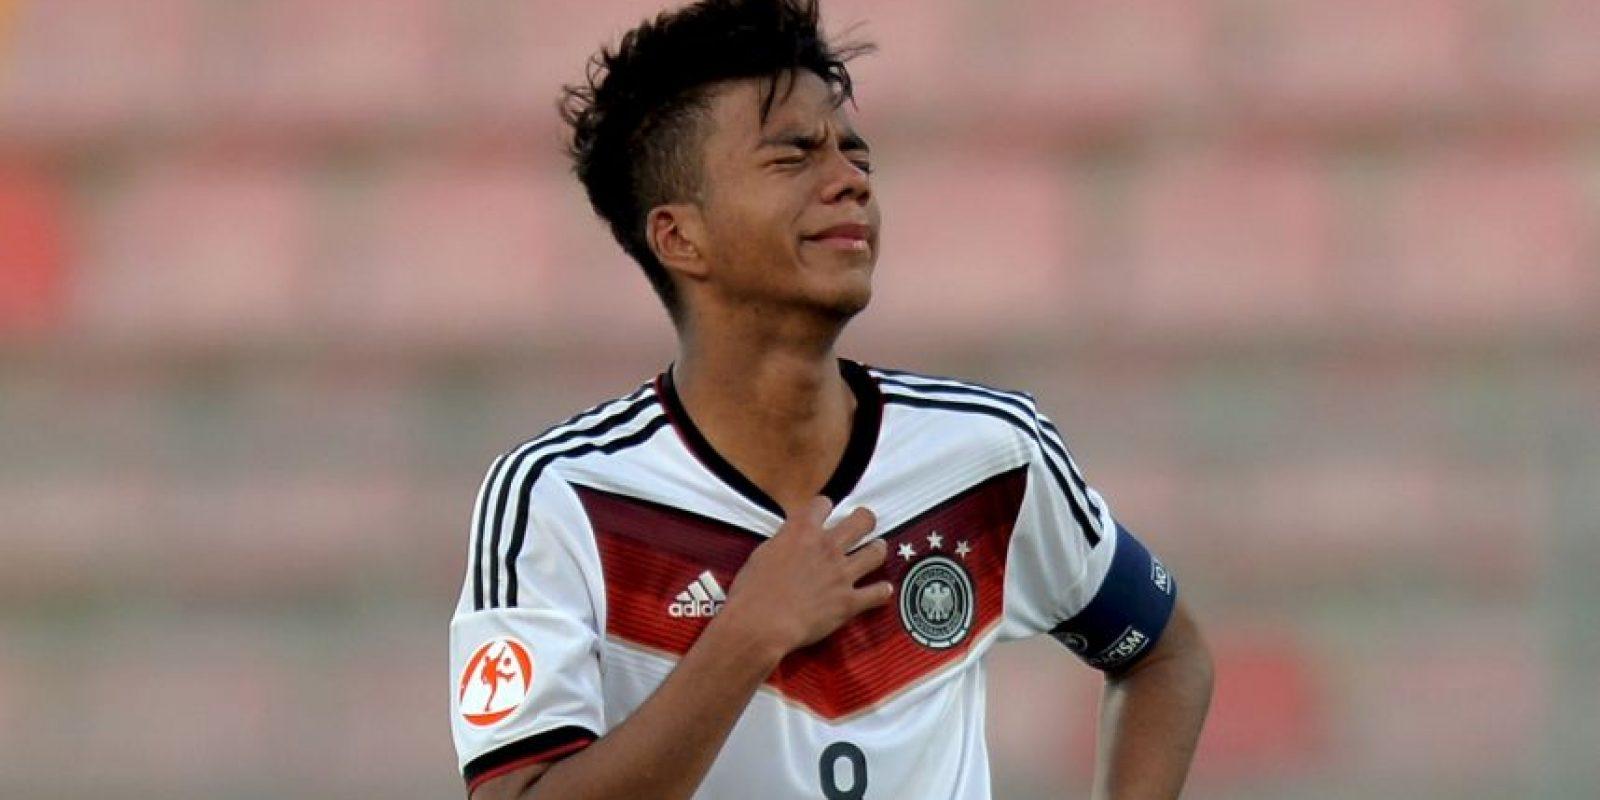 40. Benjamin Hendrichs. Fue nombrado uno de los 10 mejores jugadores menores de 17 años de la UEFA Foto:Getty